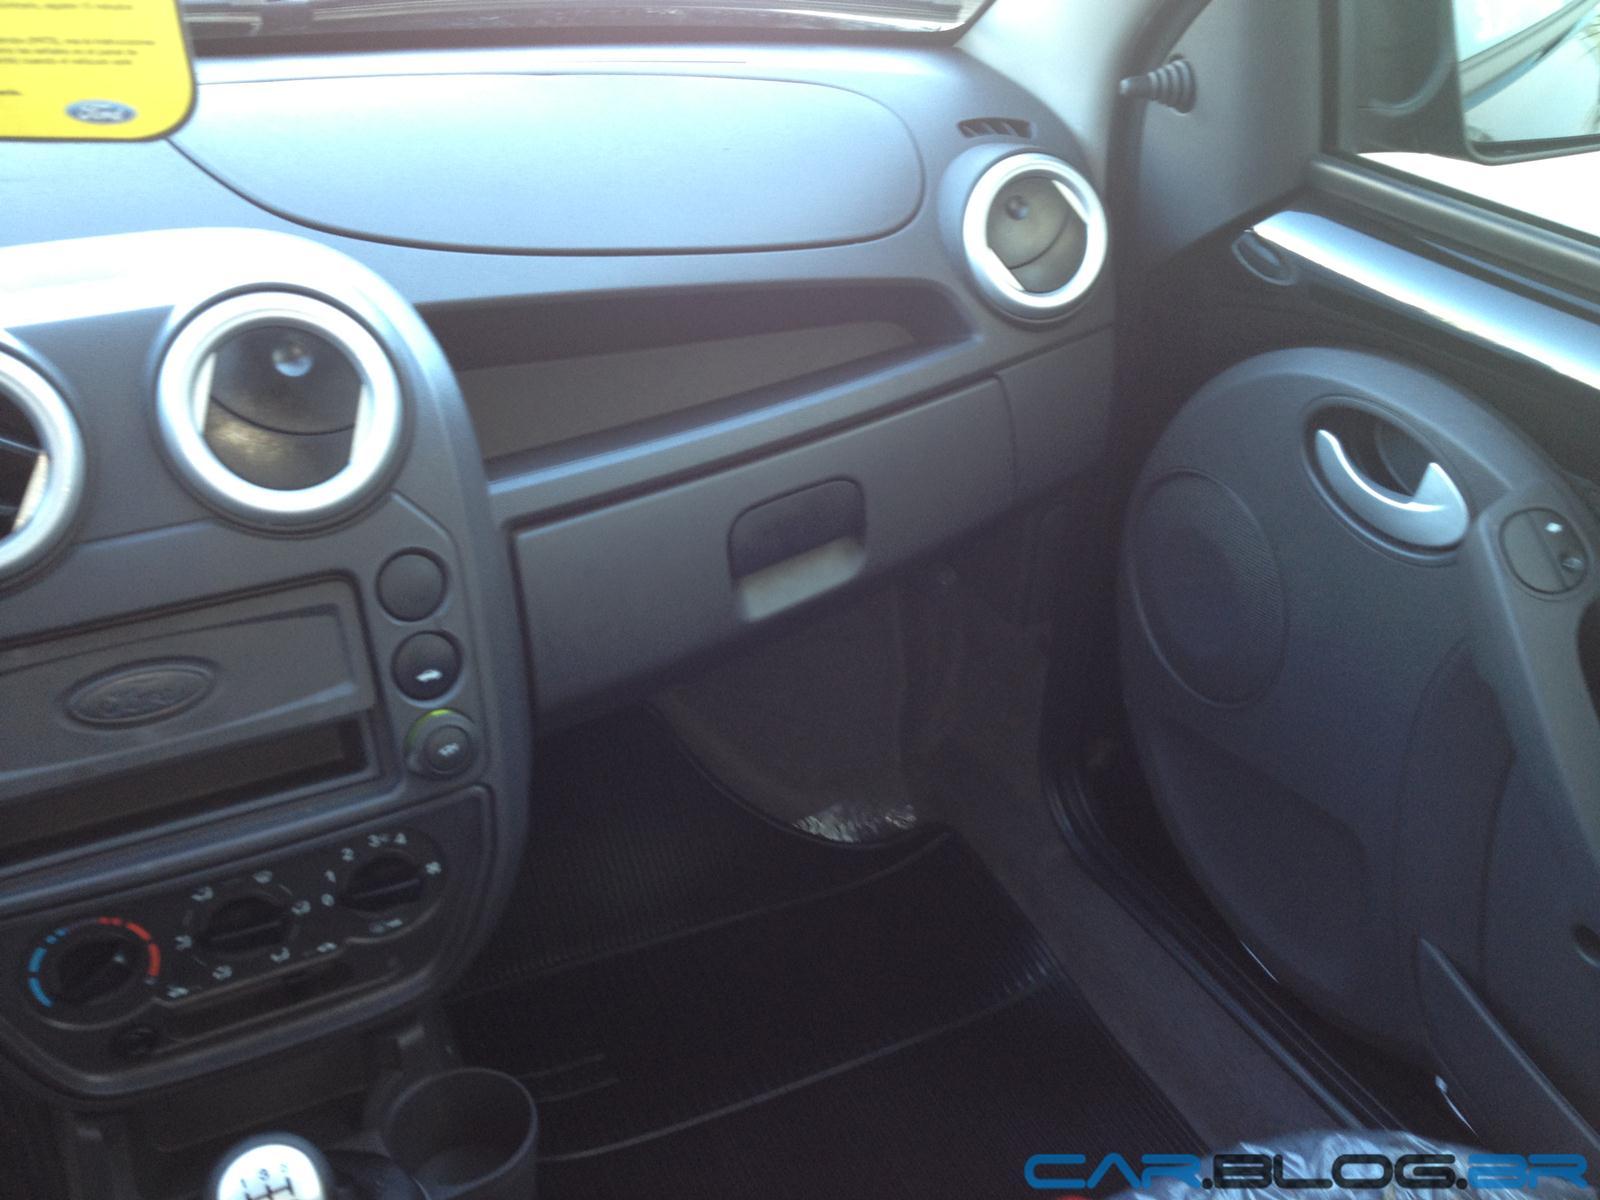 Ford ka 2013 interior